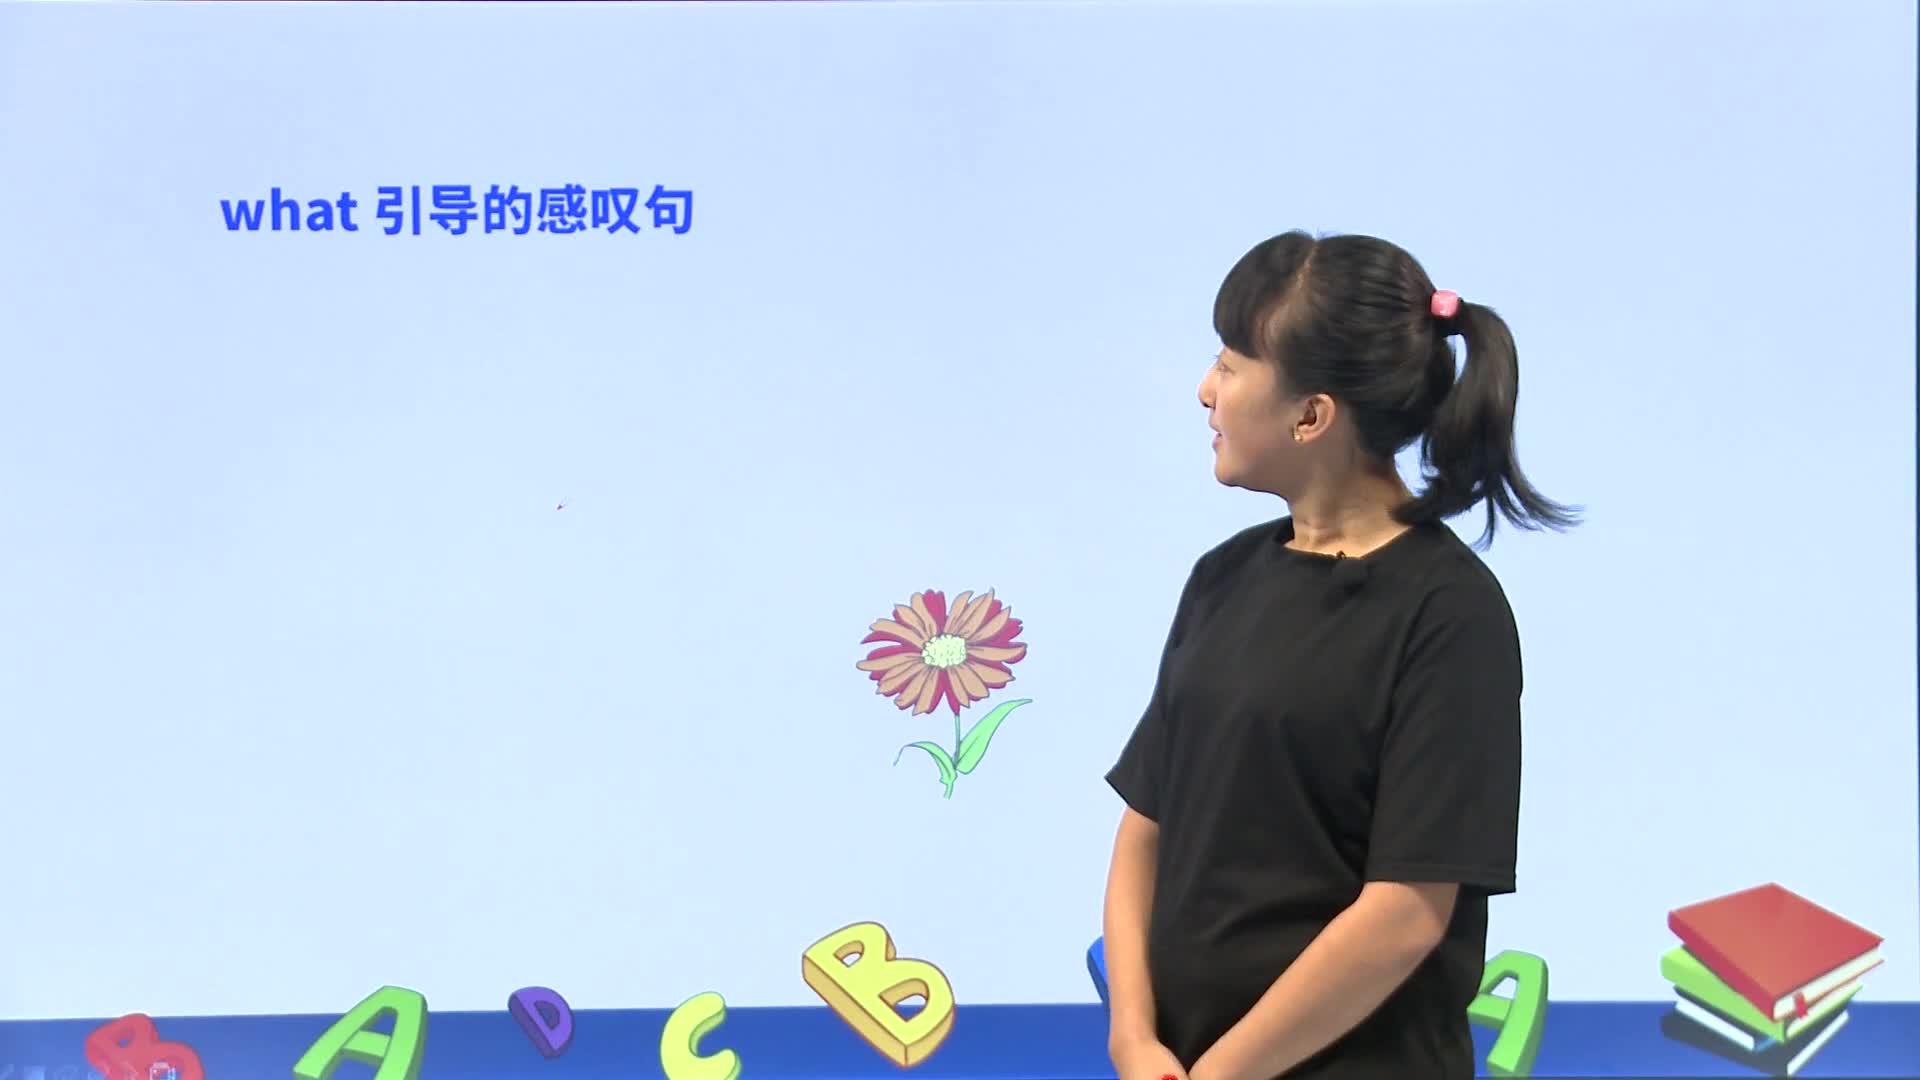 视频149 what、how引导的感叹句-初中英语微课